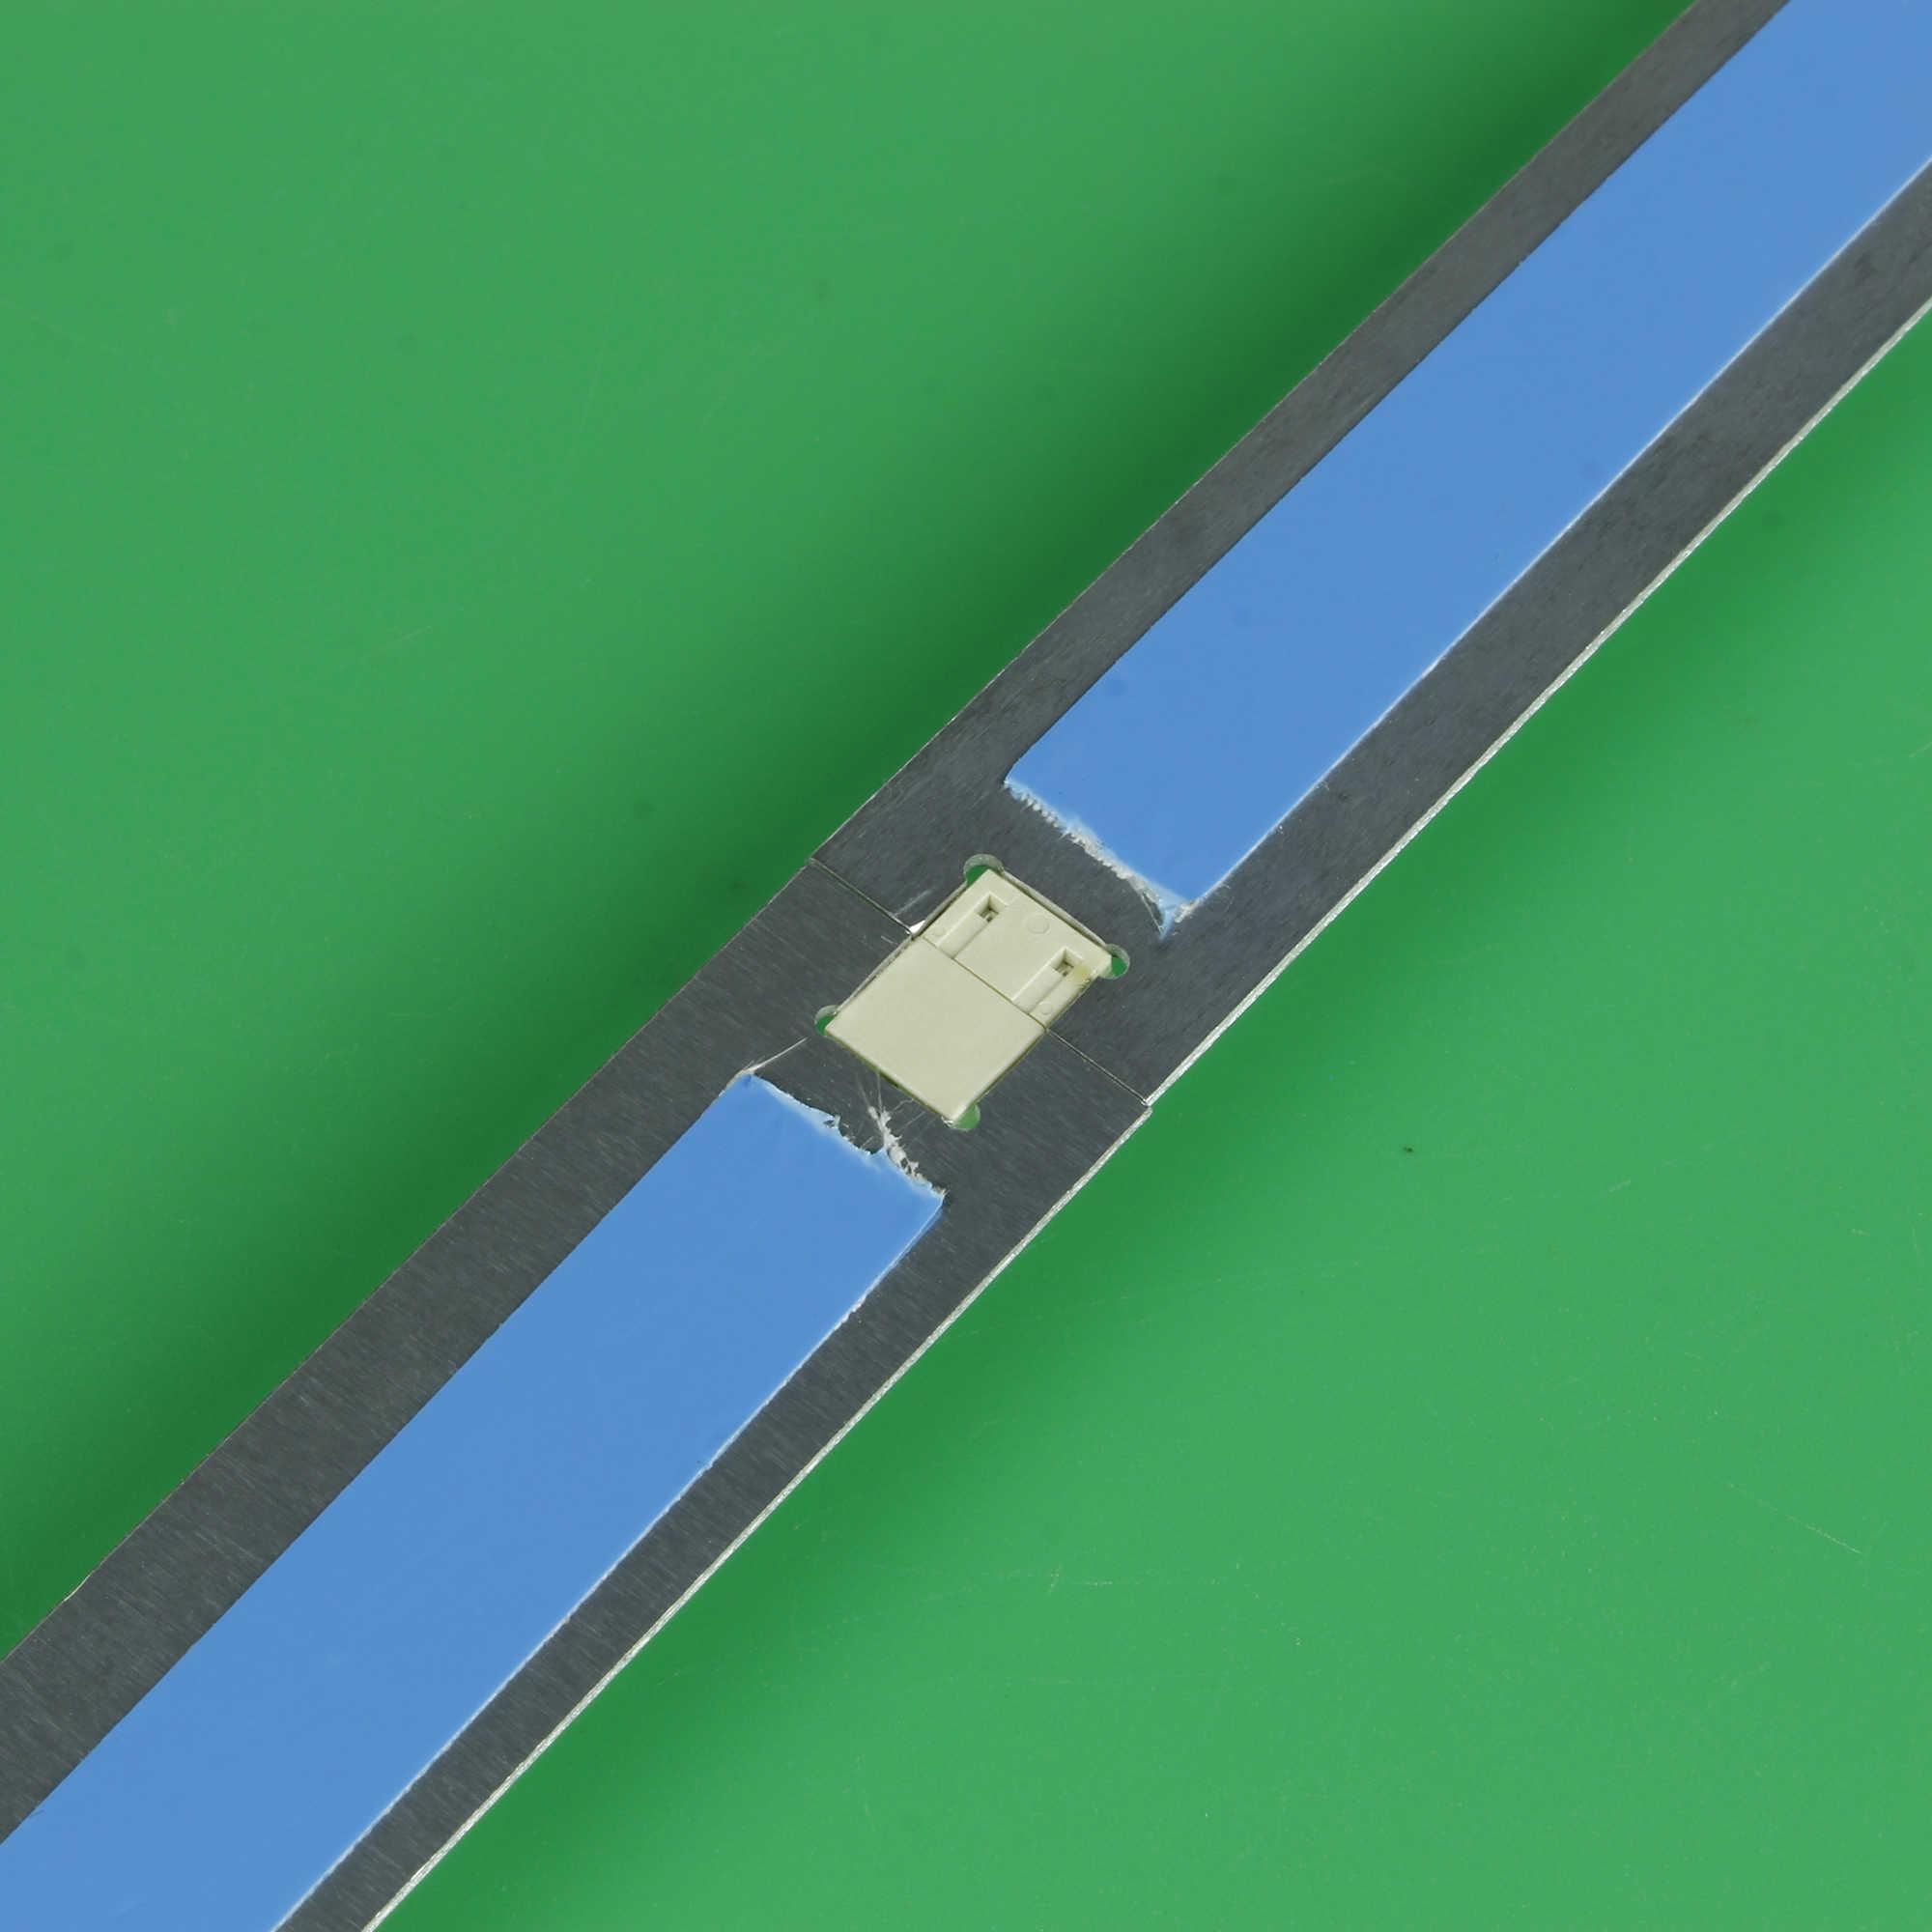 Nieuwe Led Backlight Strip Voor 47LB6500 6916L-1948A 1949A 1961A 1962A 1779A 1780A LG47LY340C LG47GB651C 47LB570B 47LB5600 47LB5800